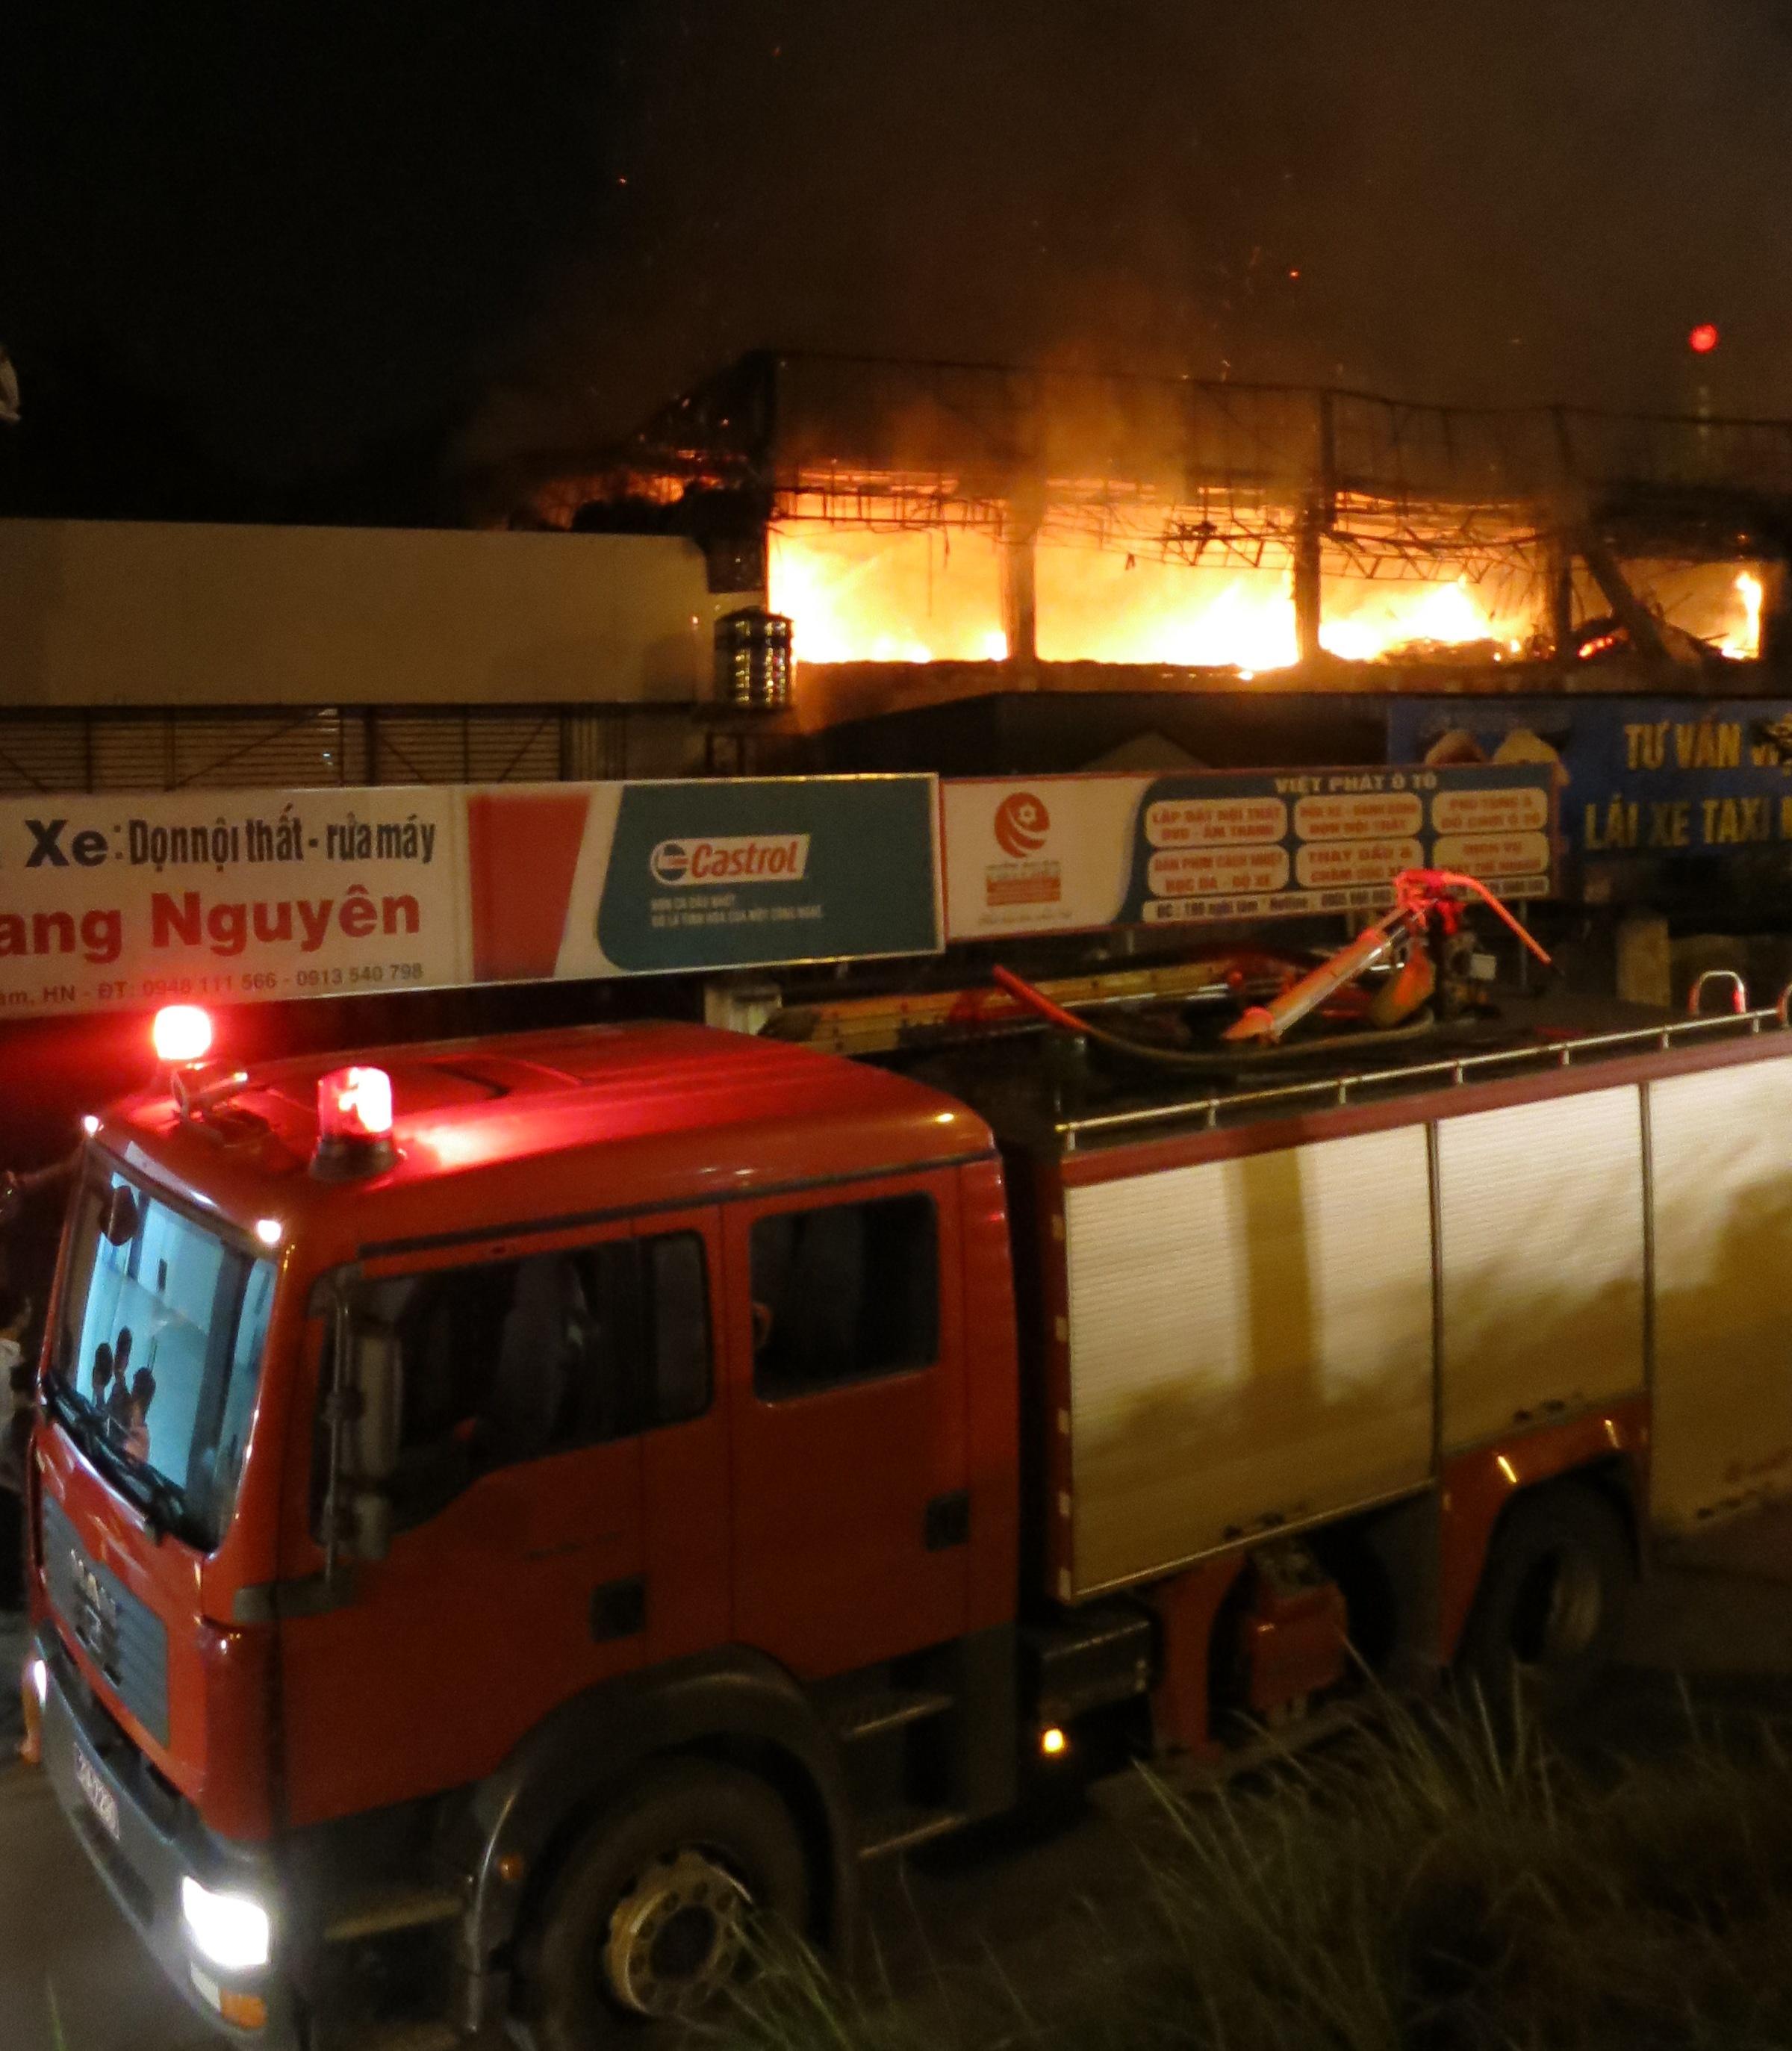 Cháy bar Luxury: Bơm nước hồ Tây dập lửa ngút trời suốt 4h - Ảnh 2